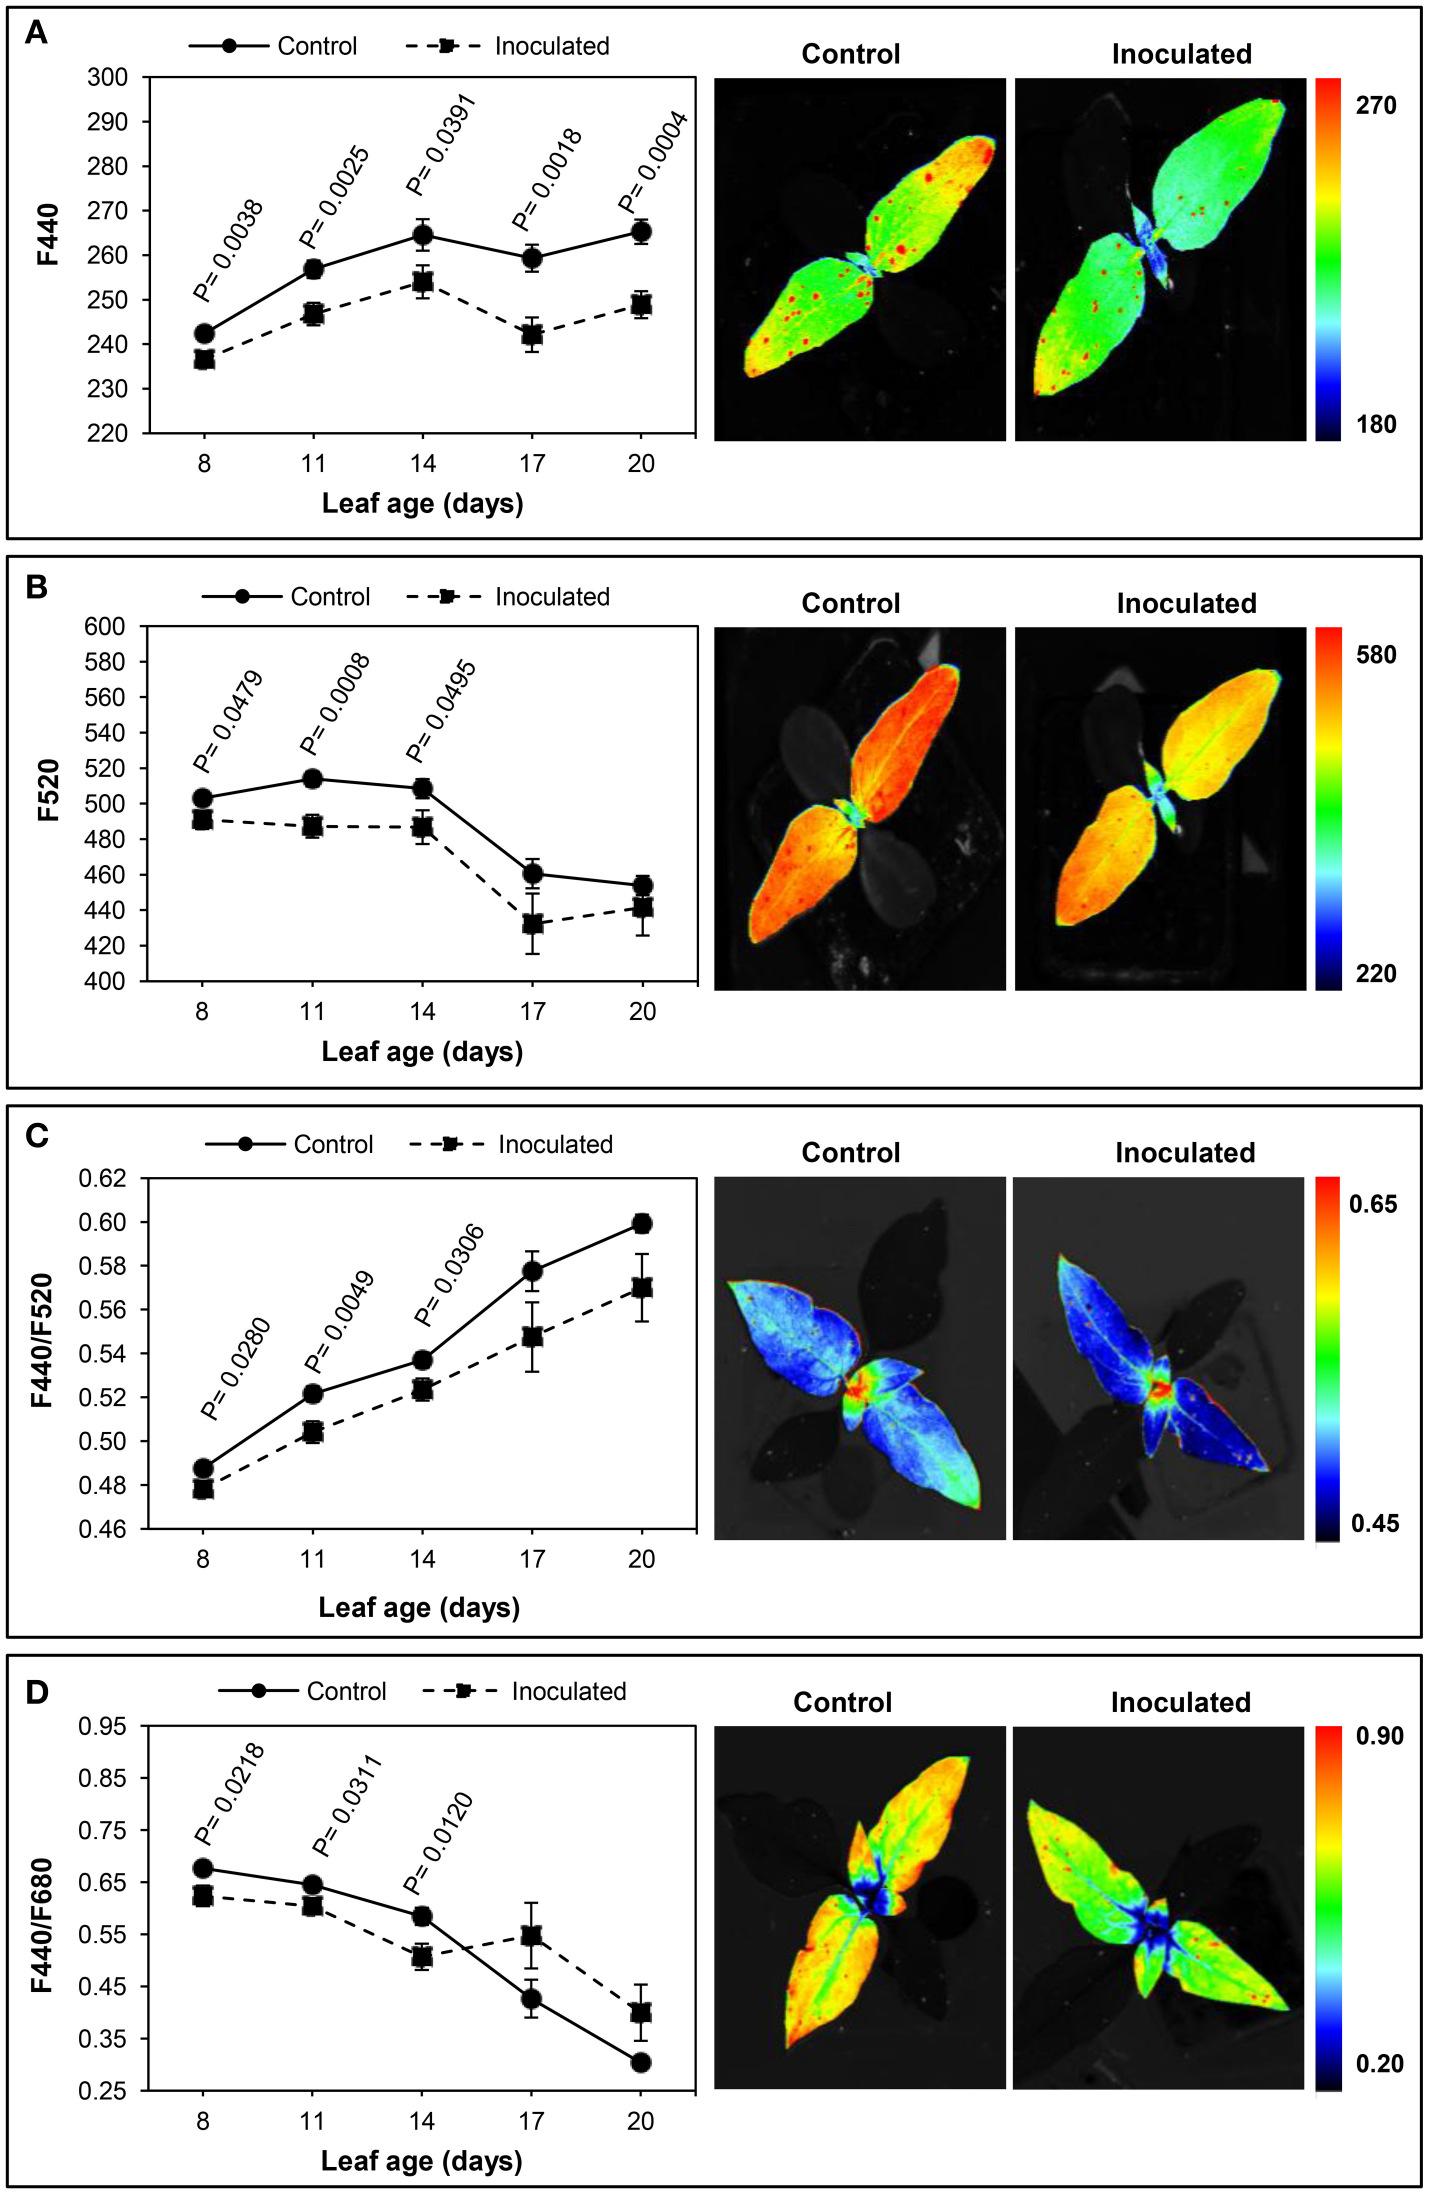 光谱成像技术应用于植物病害早期检测